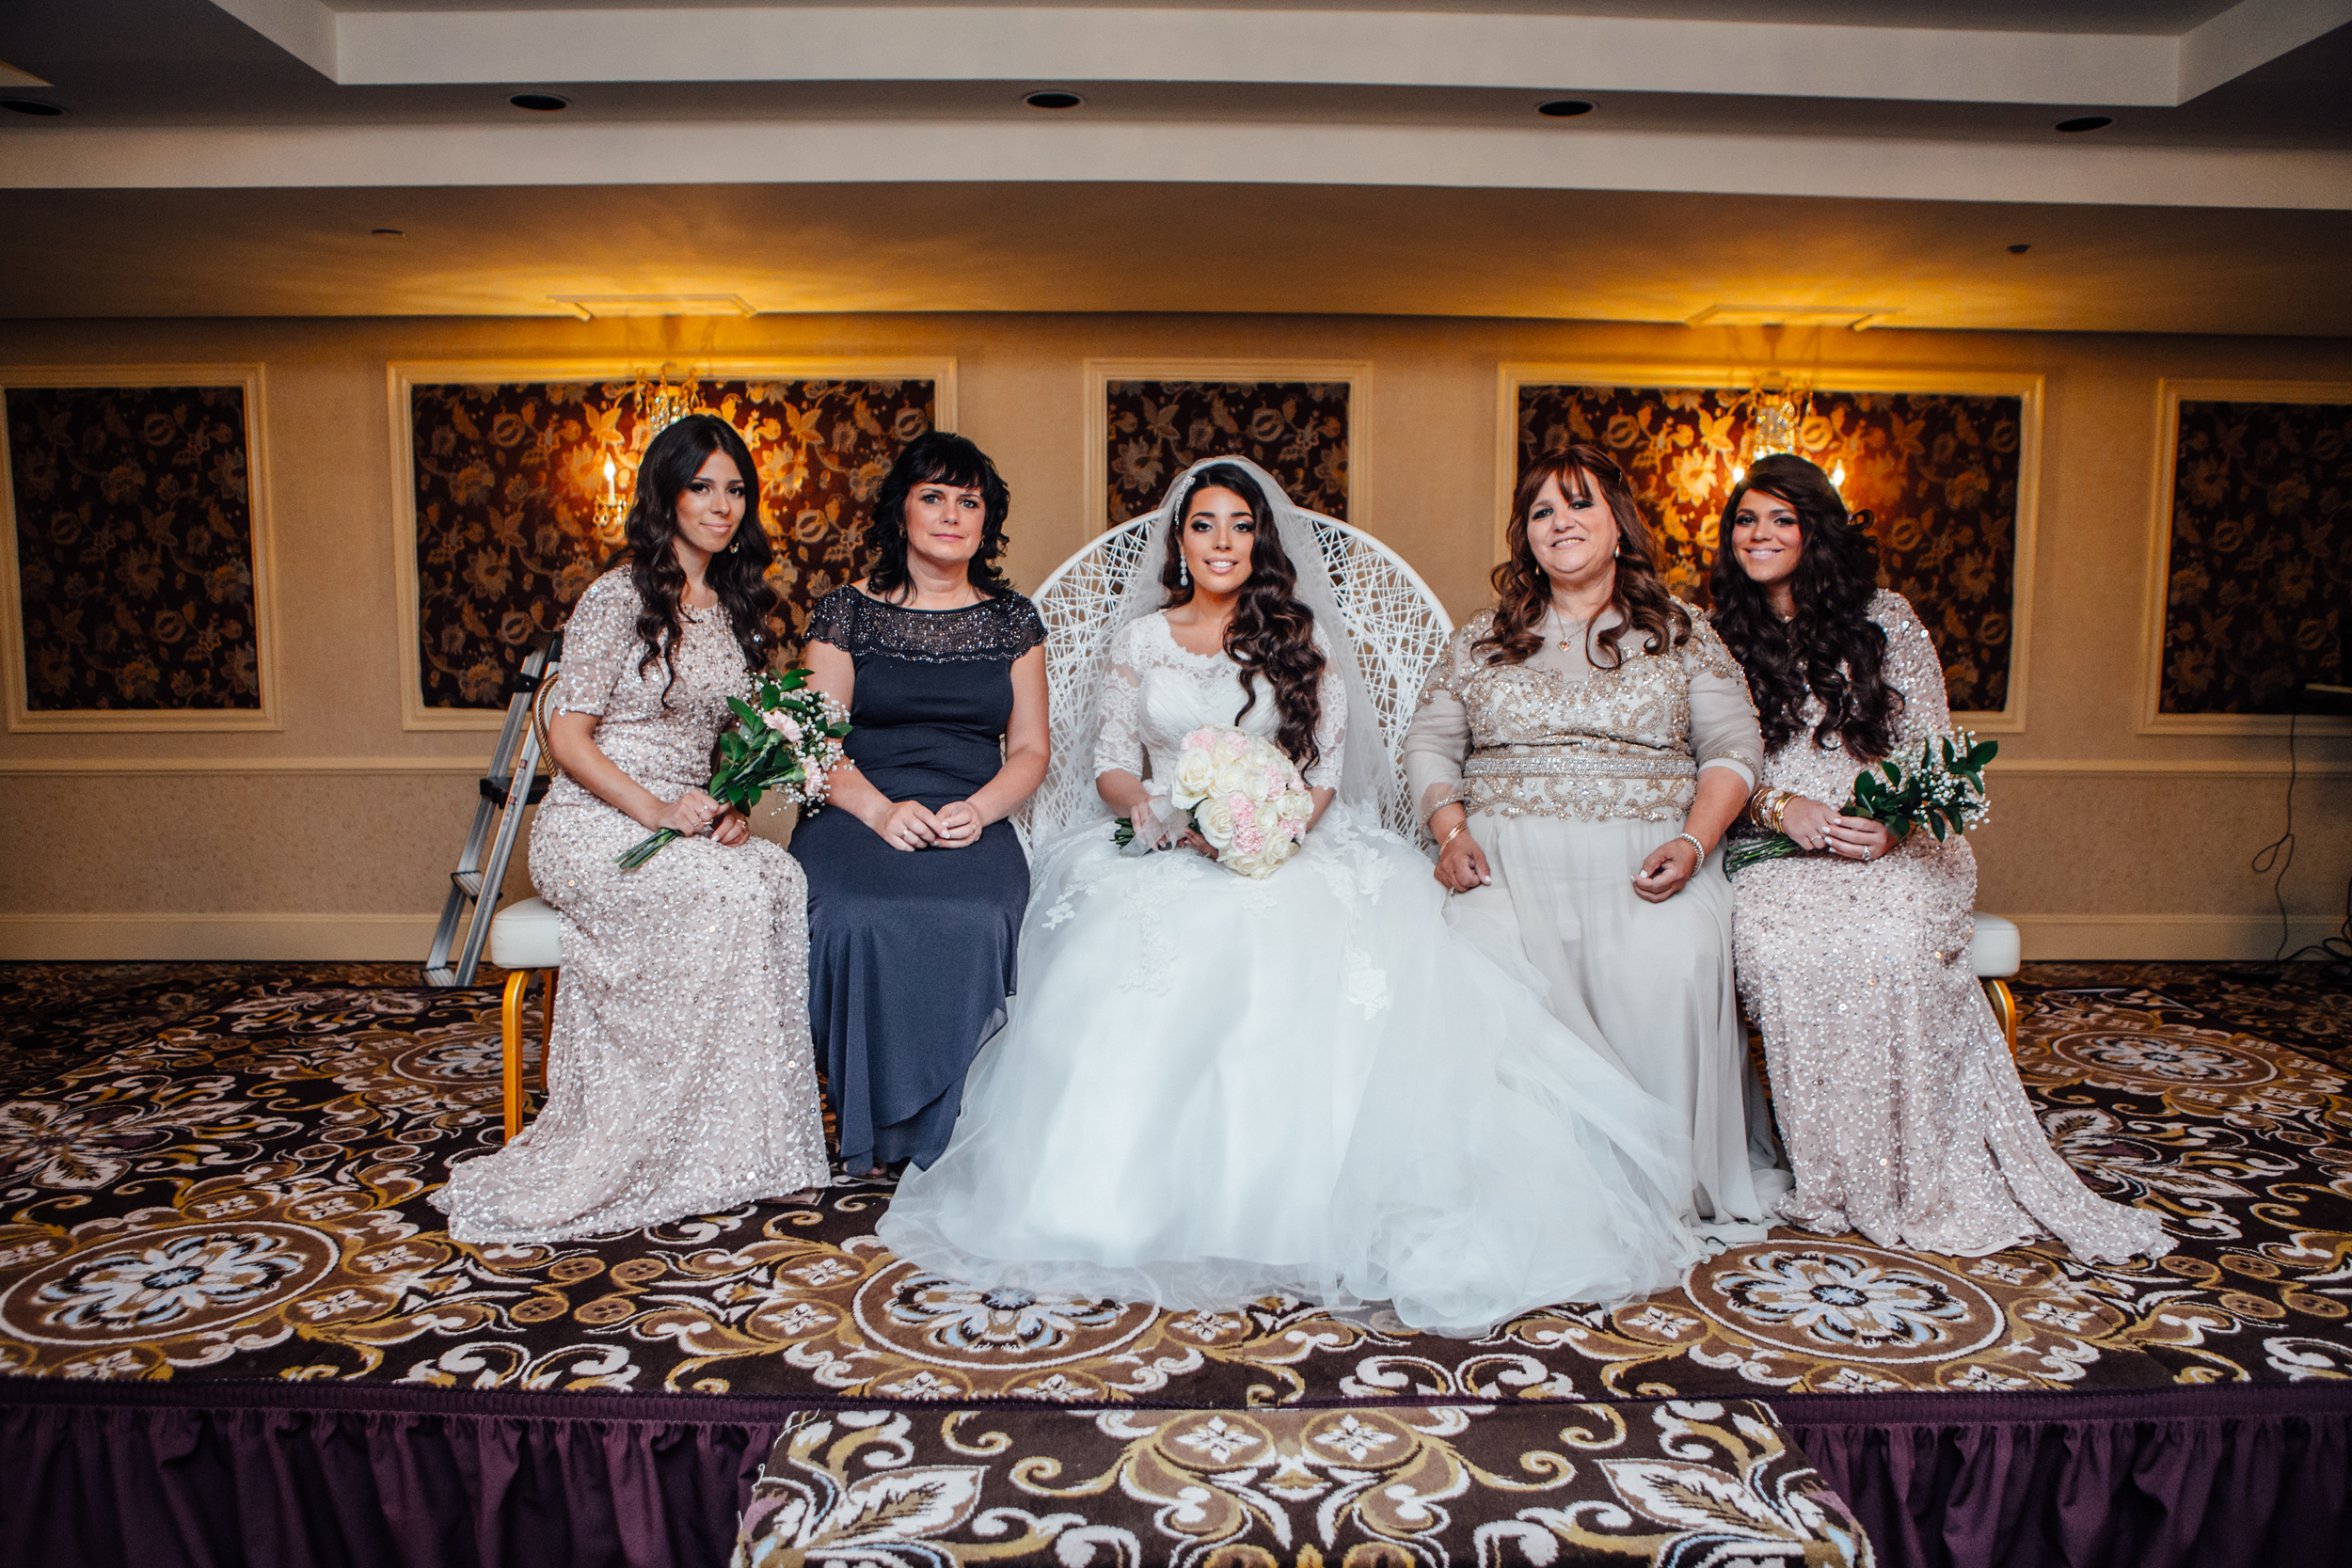 Wedding Etya & Sergey - Eliau Piha studio photography, new york, events, people-0291.jpg